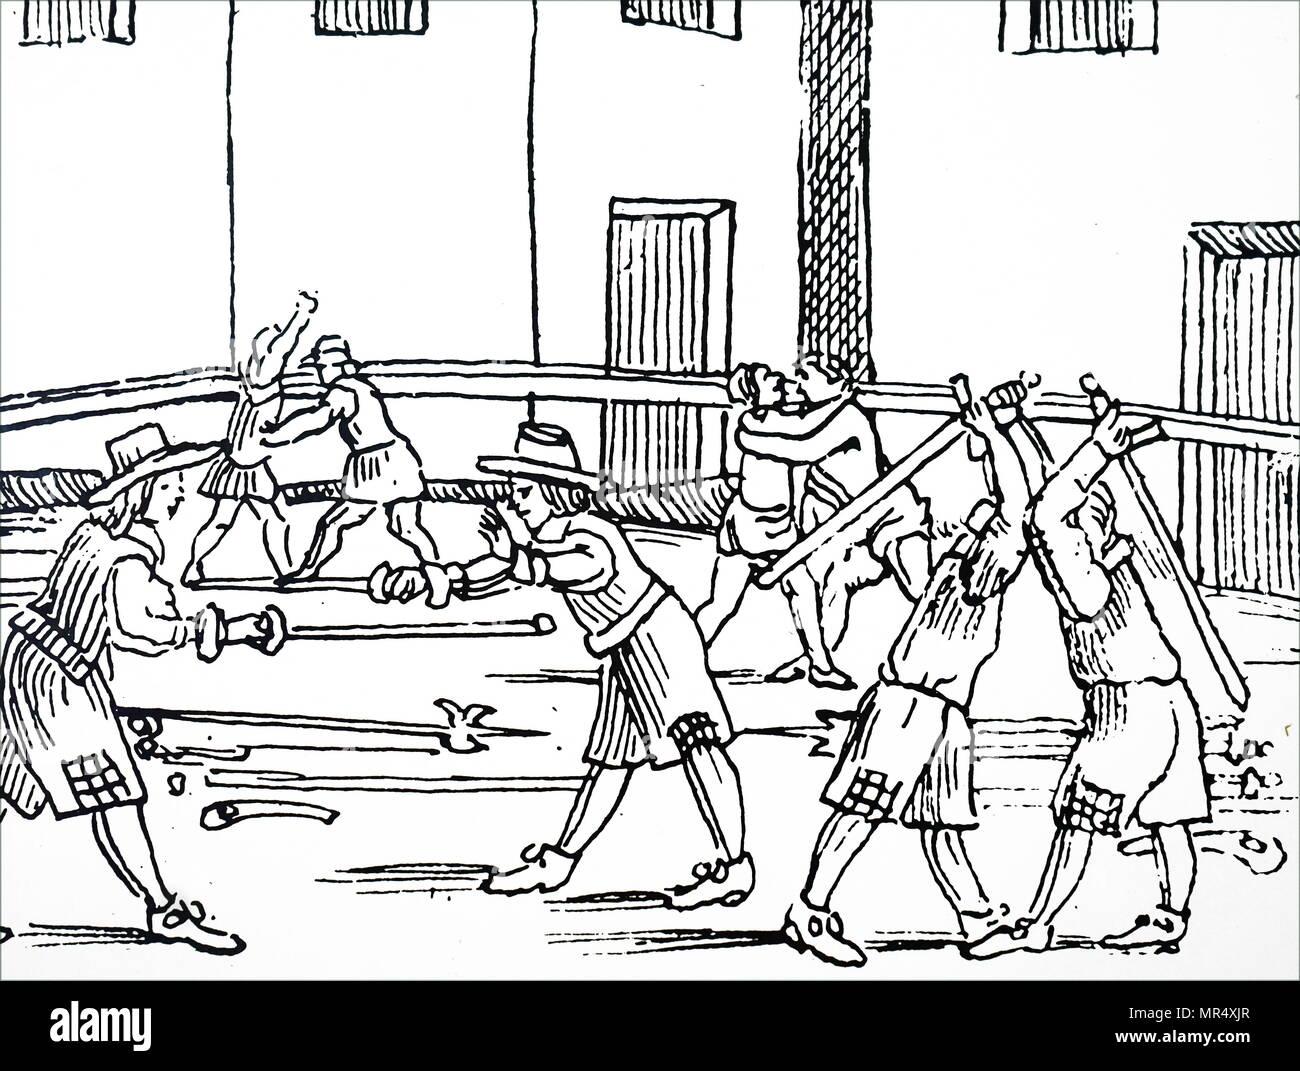 Xilografia stampa raffigurante la pratica della scherma. Datata xvi secolo Immagini Stock